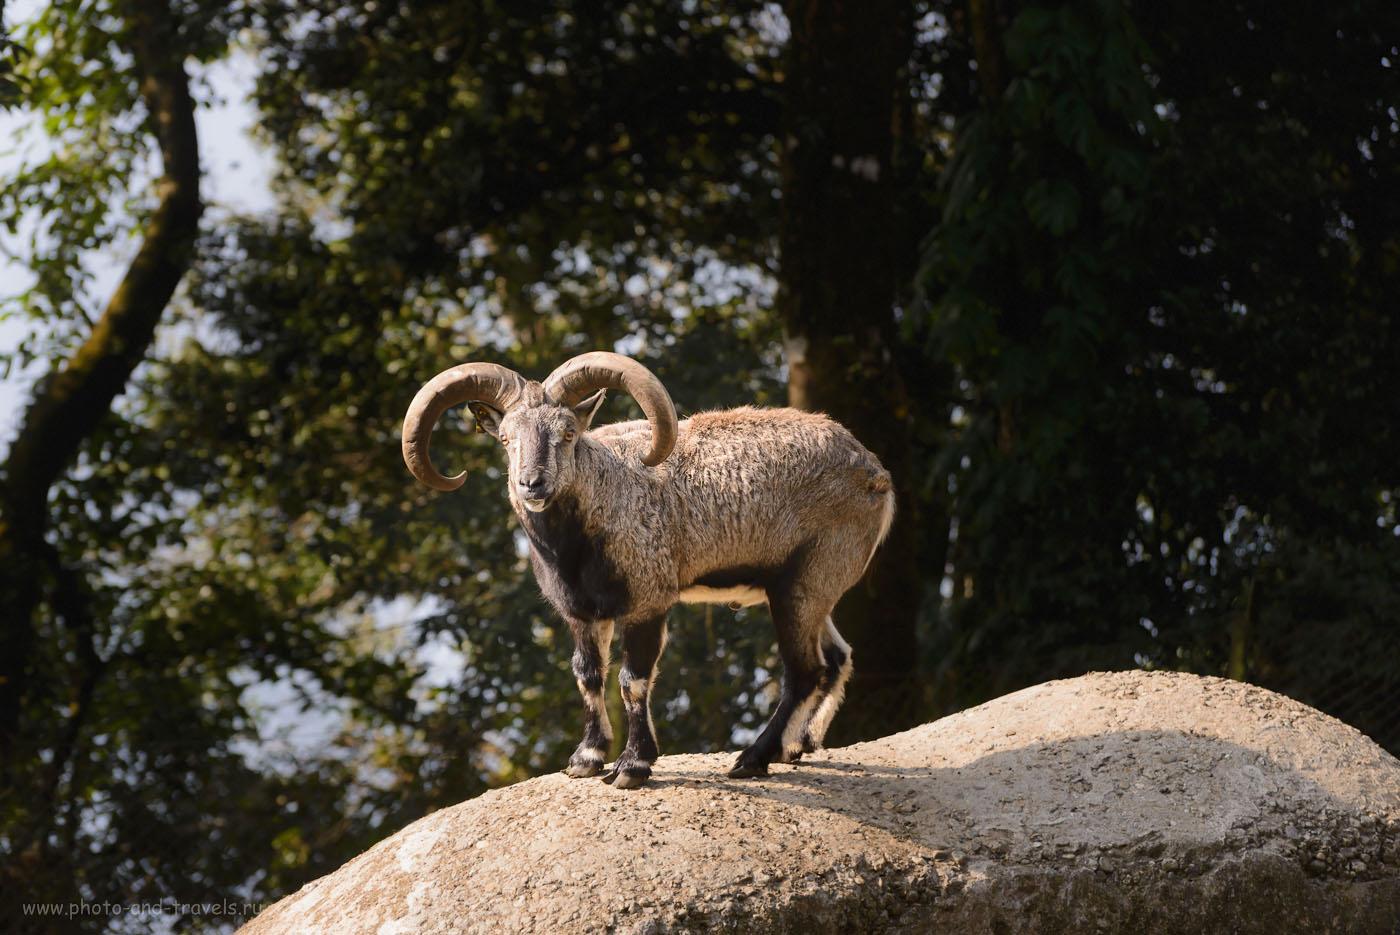 Фотография 9. Горный баран в зоопарке Padmaja Naidu Himalayan Zoological Park в Дарджилинге. Чтобы его сфотографировать, пришлось использовать на зеркалке Никон Д610 телеобъектив Nikon 70-300. Параметры съемки: 1/500, f/5.0, 400, 135.